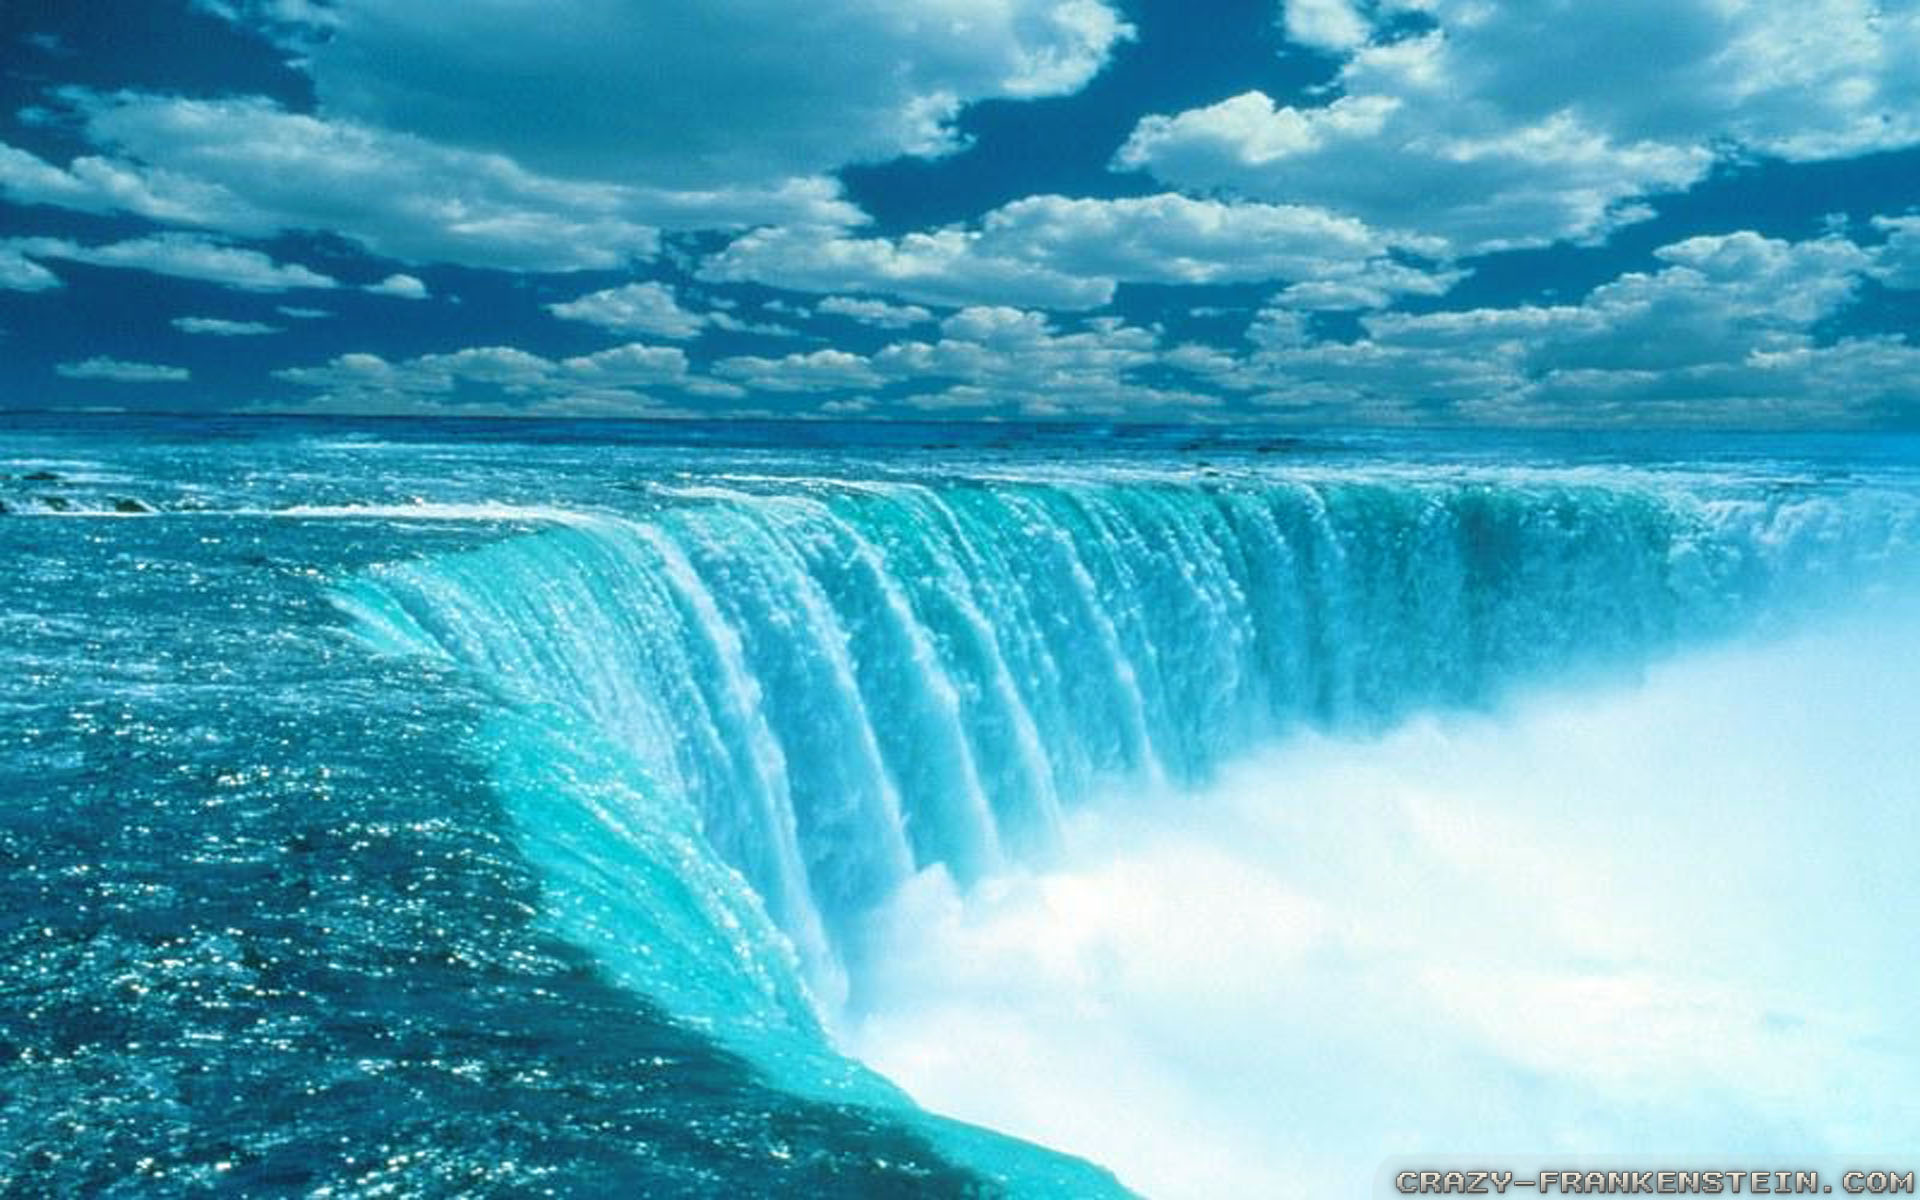 Niagara Falls Hd 1080p Wallpapers Niagara Waterfall Hi Def Images Wallpaper Nature And